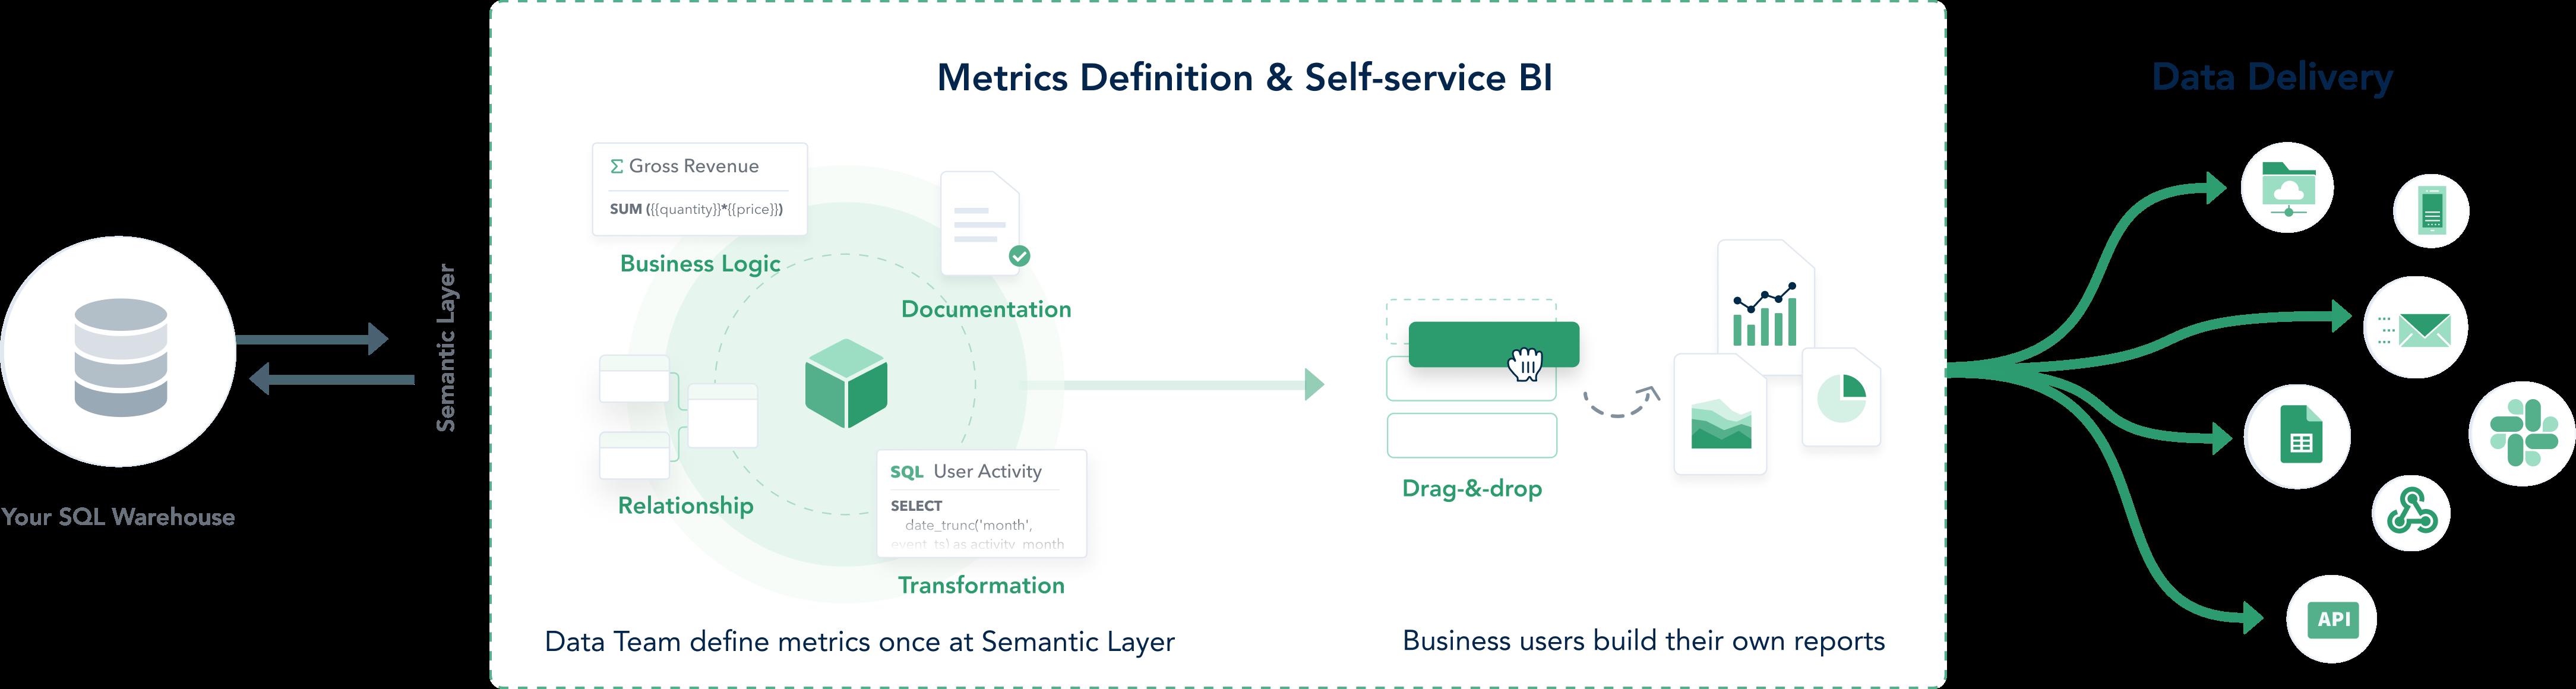 Self-service BI platform